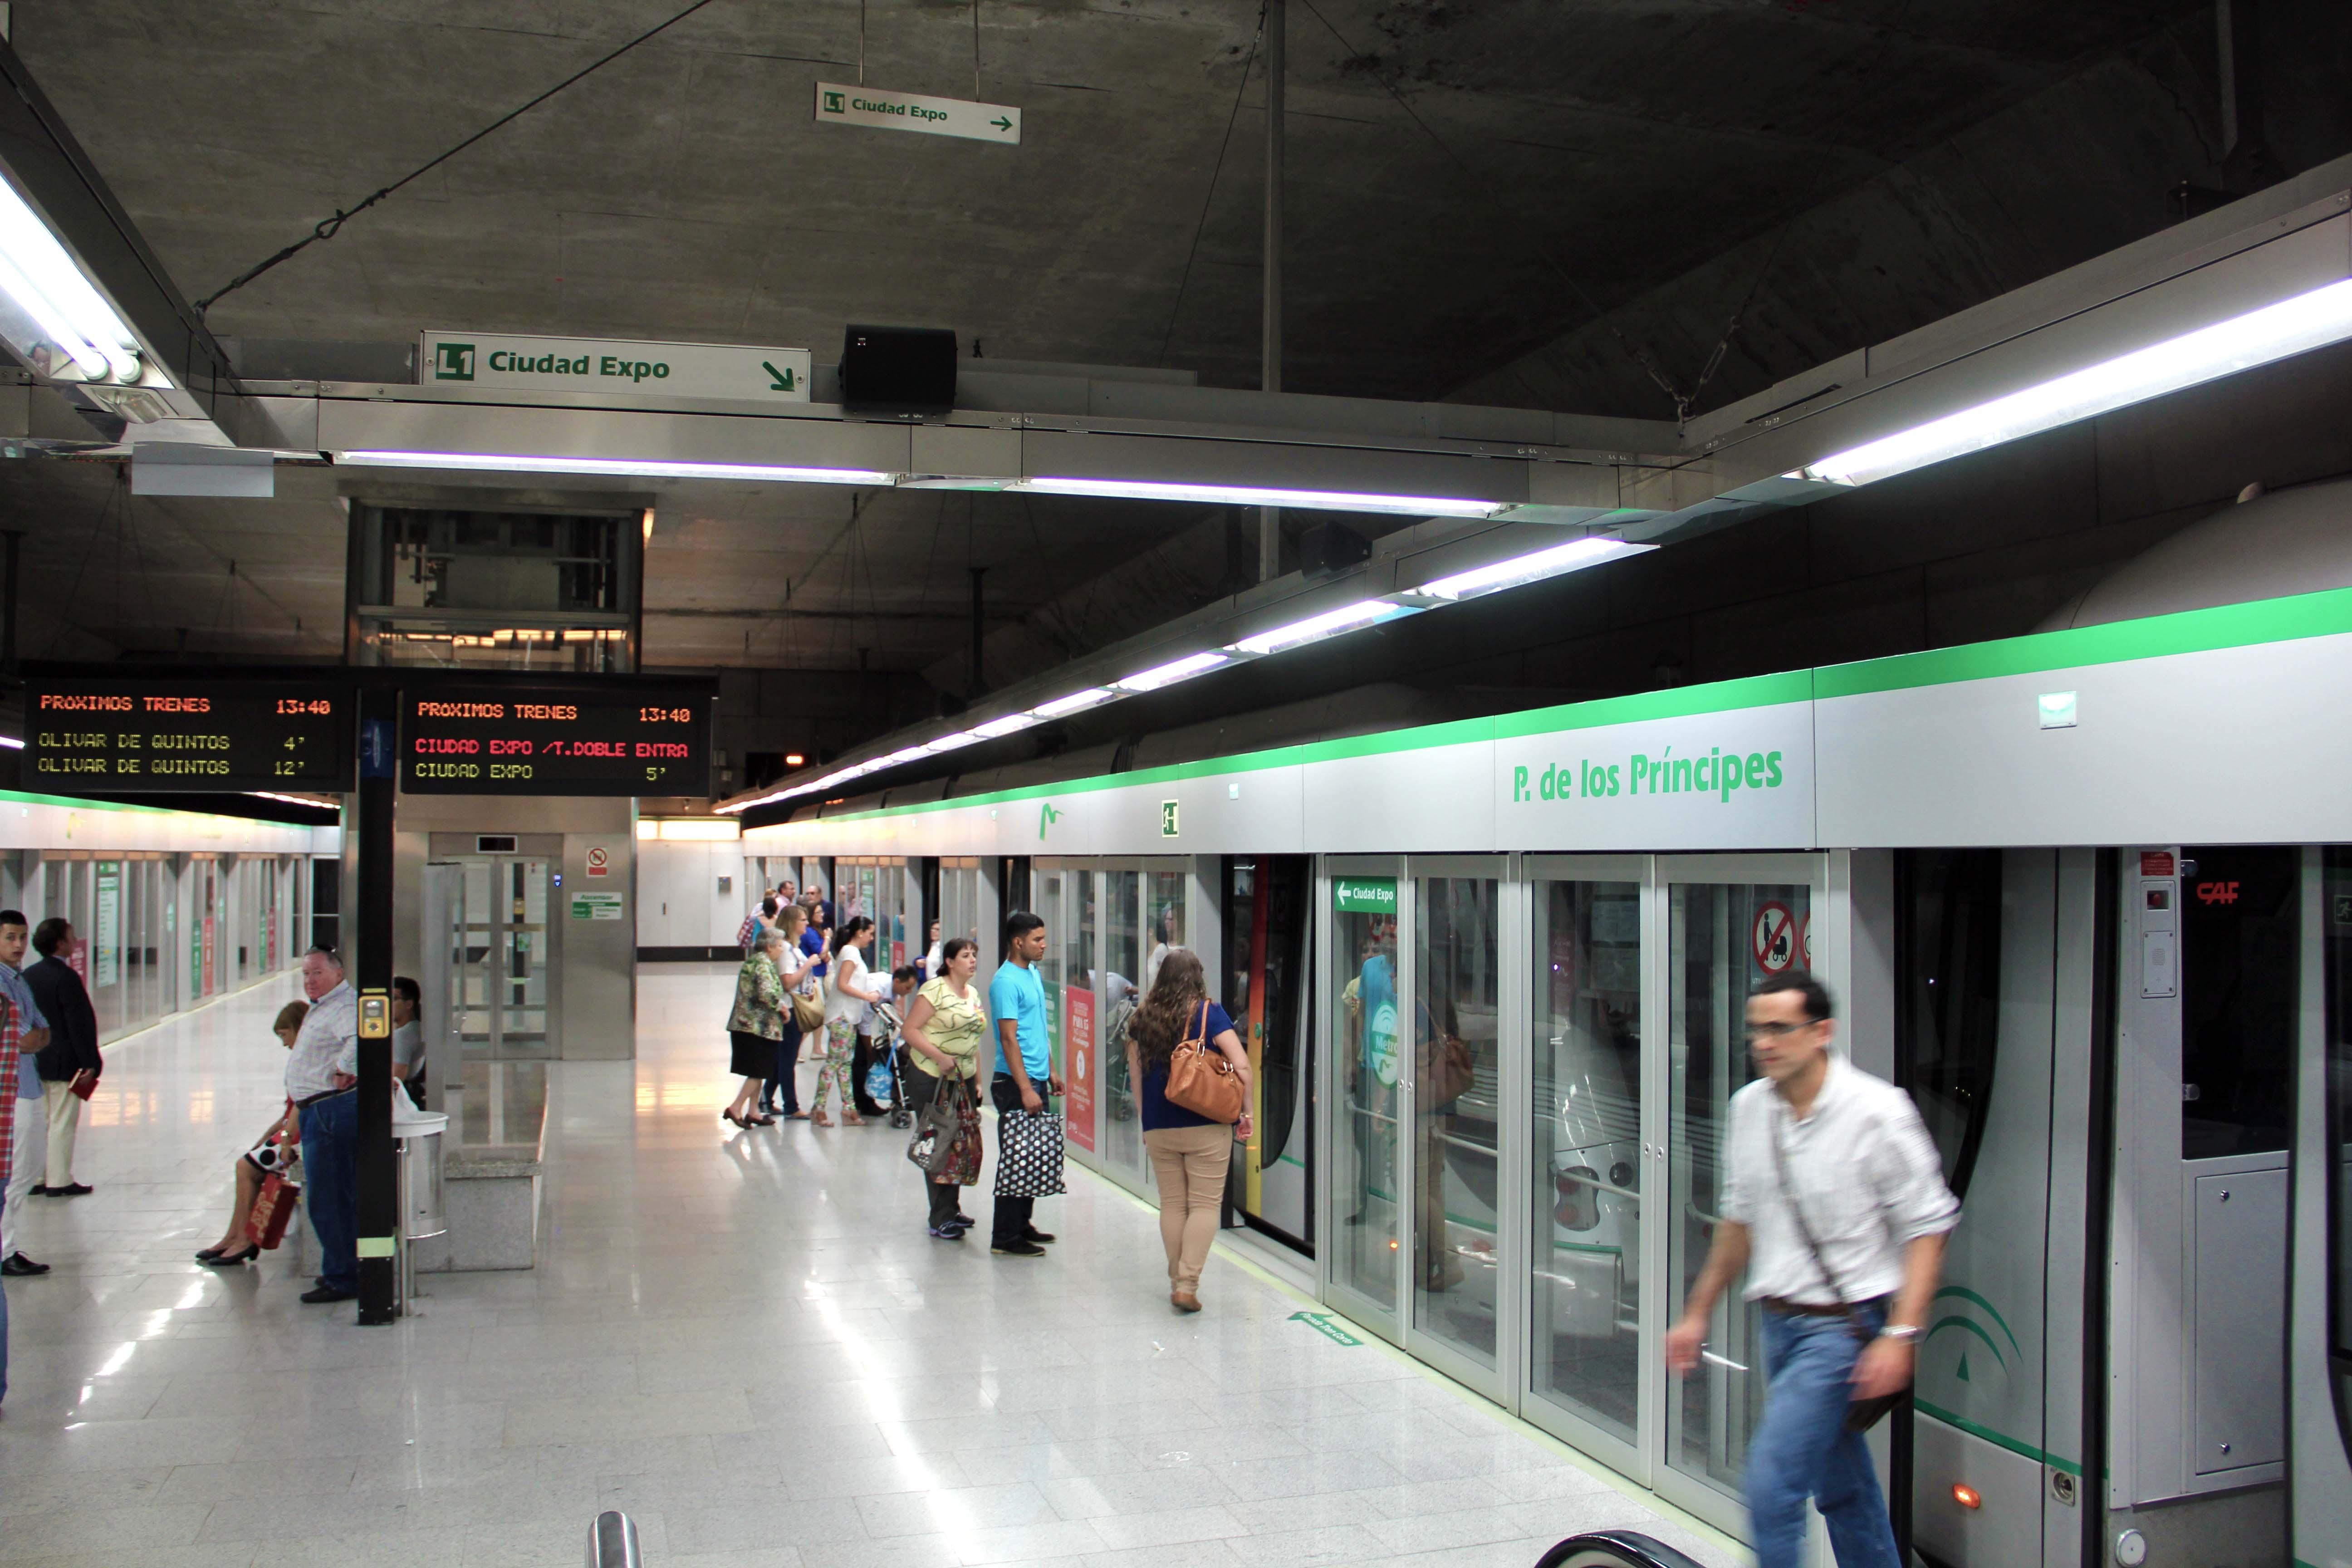 Estación Parque de los Principes, ubicada en Avd.República Argentina de la capital sevilla.